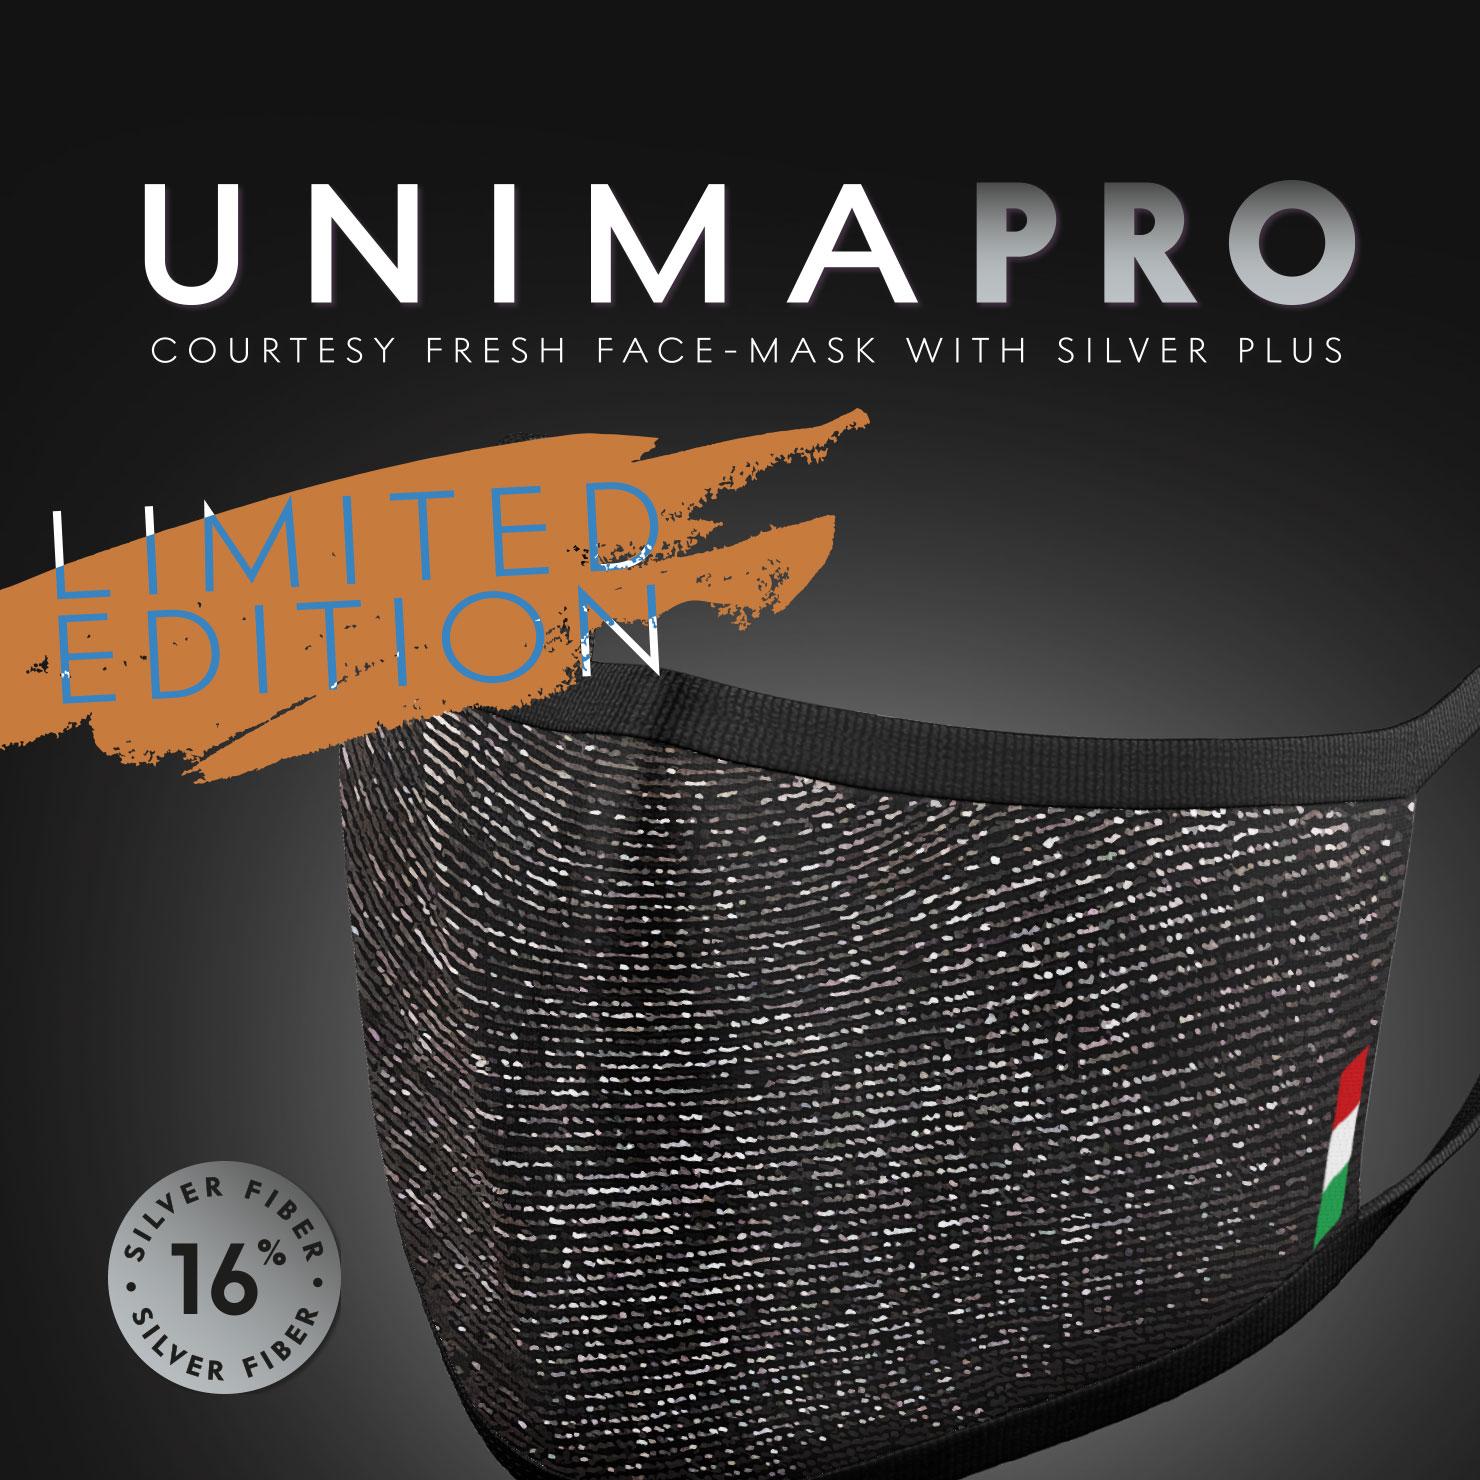 2020-12-16_UNIMAPRO_01